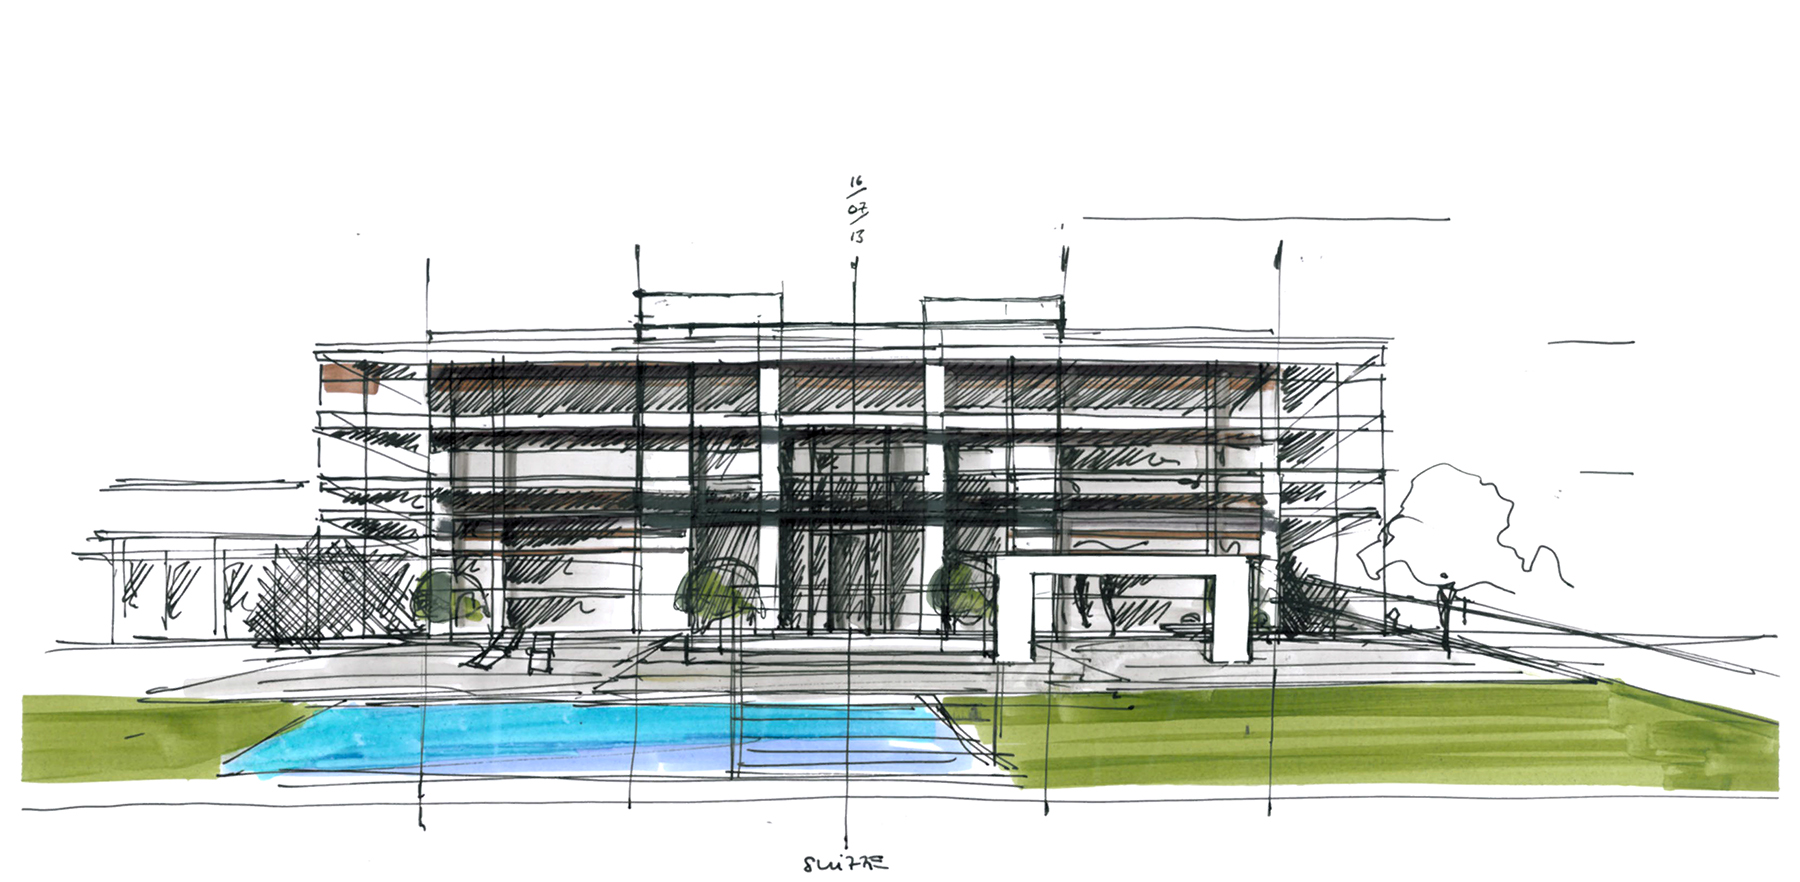 single family home - Architektur Wohnhaus Fuchs Und Wacker